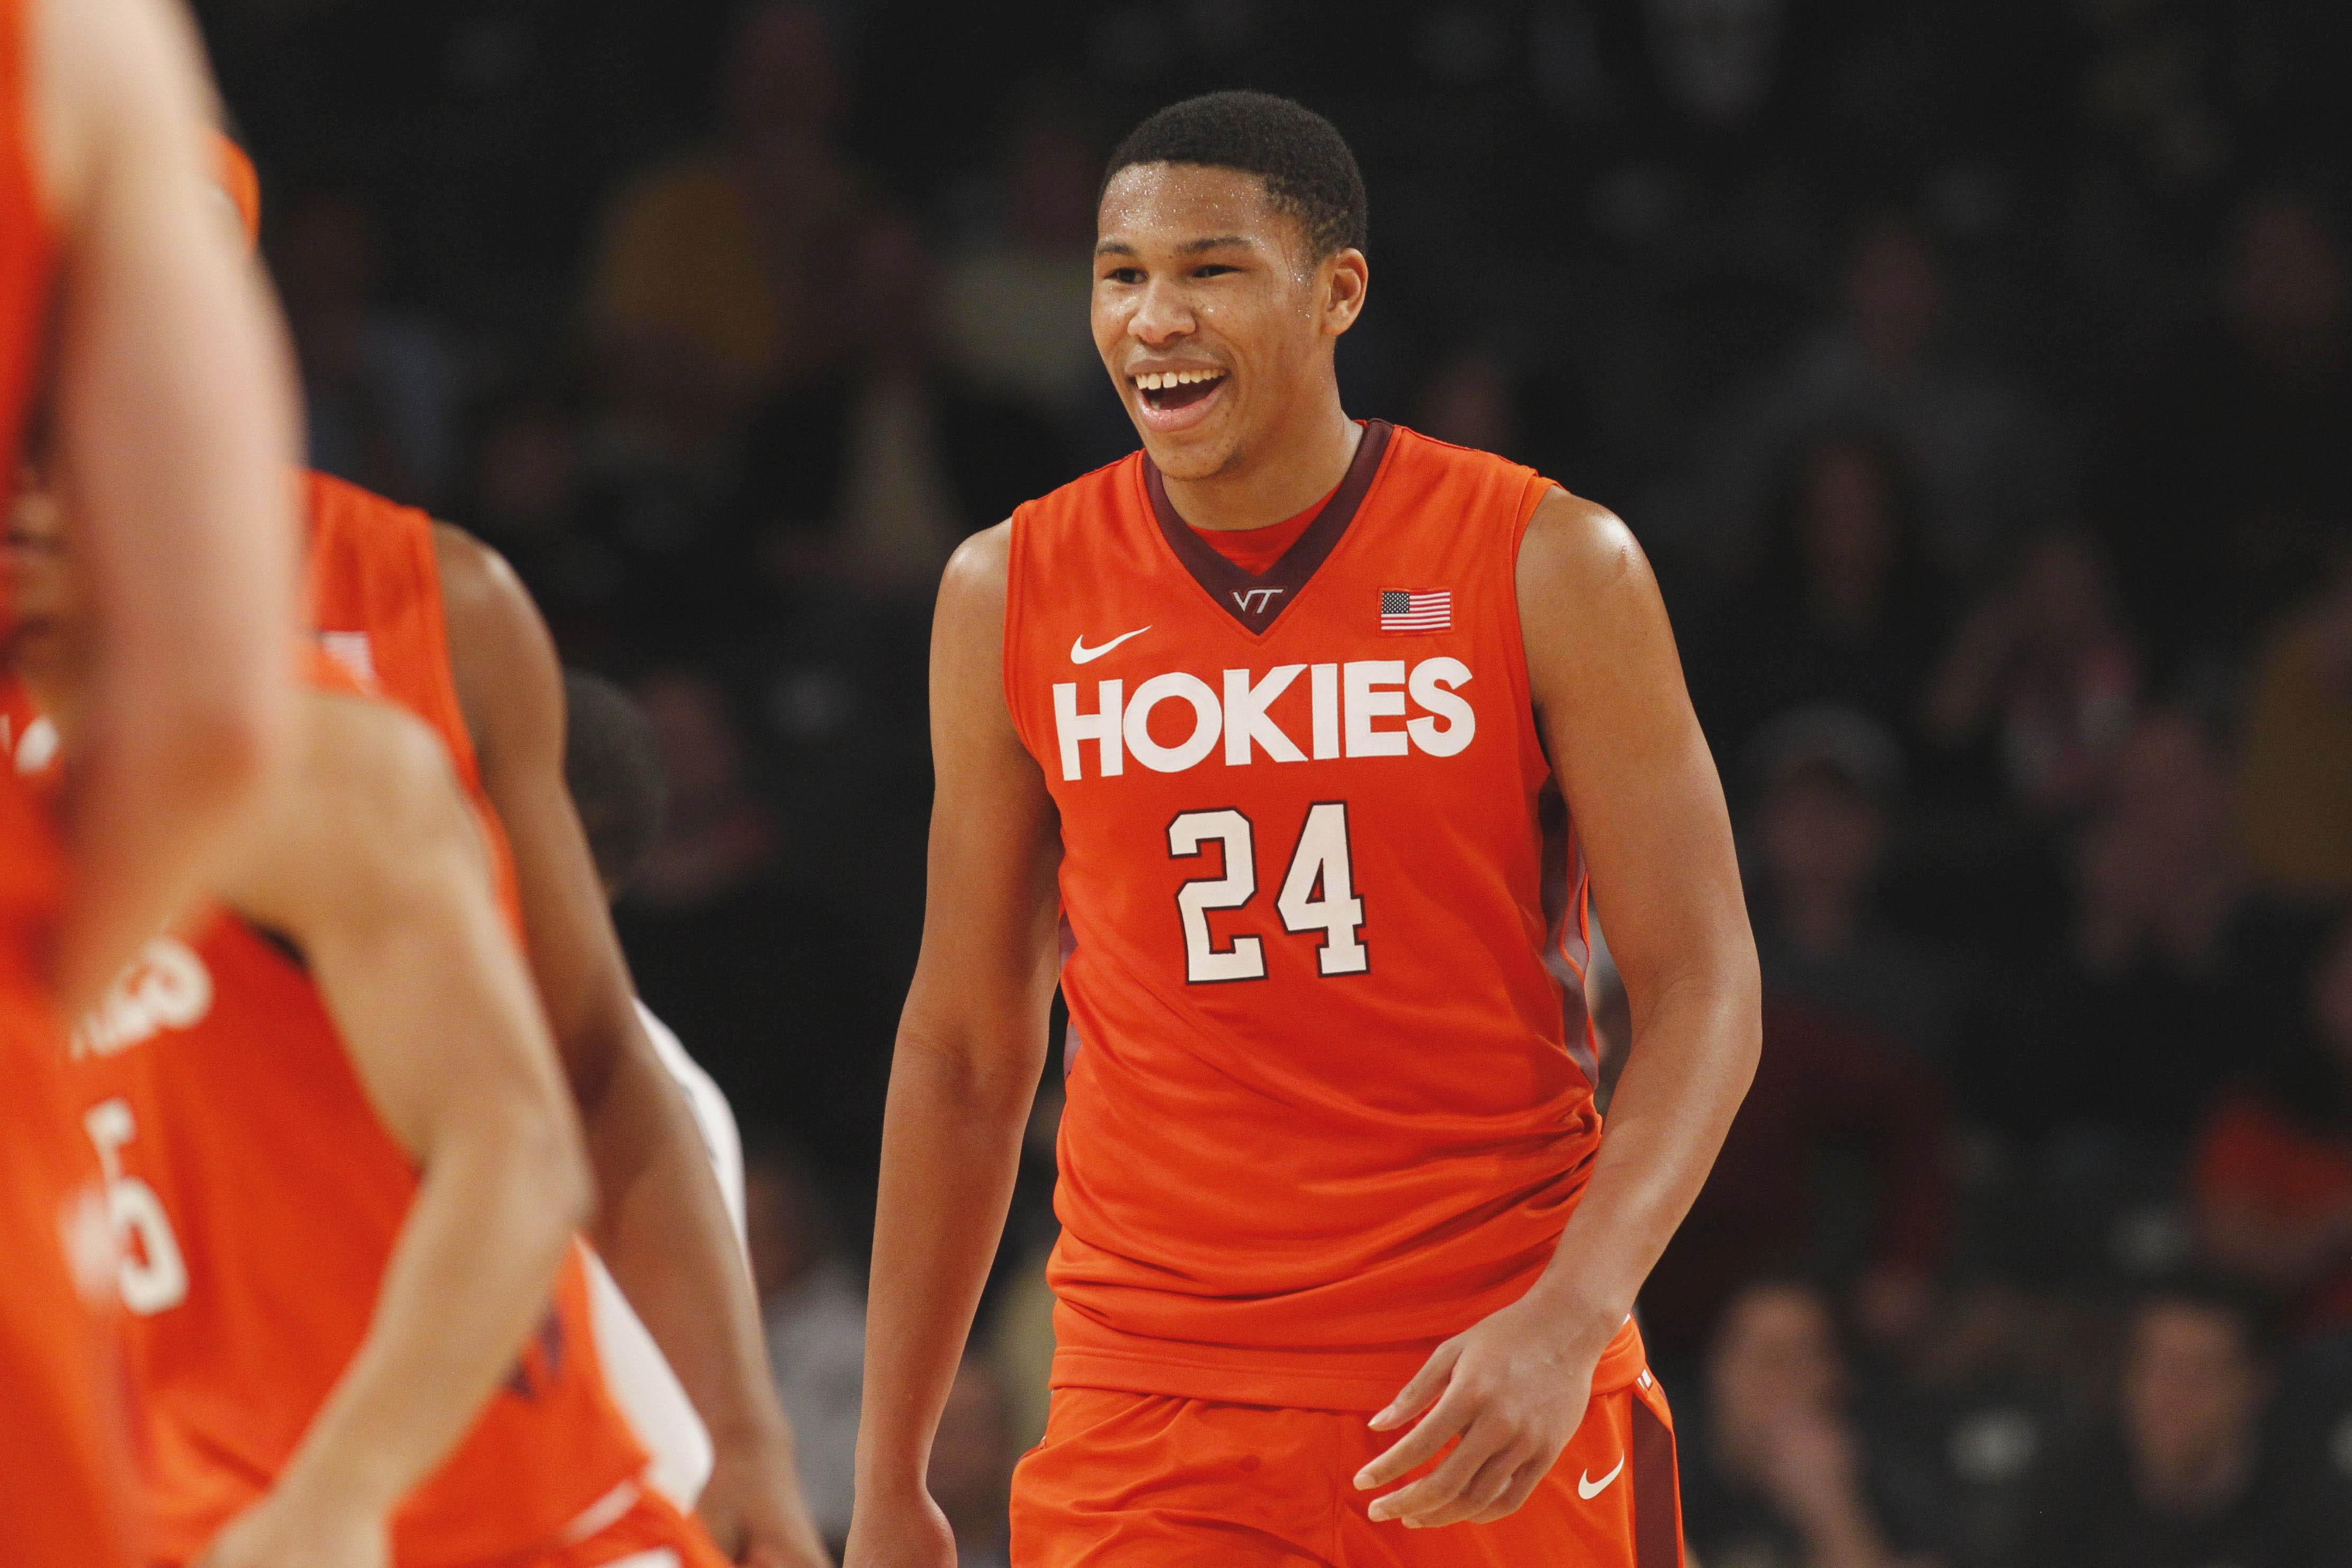 2017 18 Virginia Tech Men S Basketball Roster Breakdown The Returners